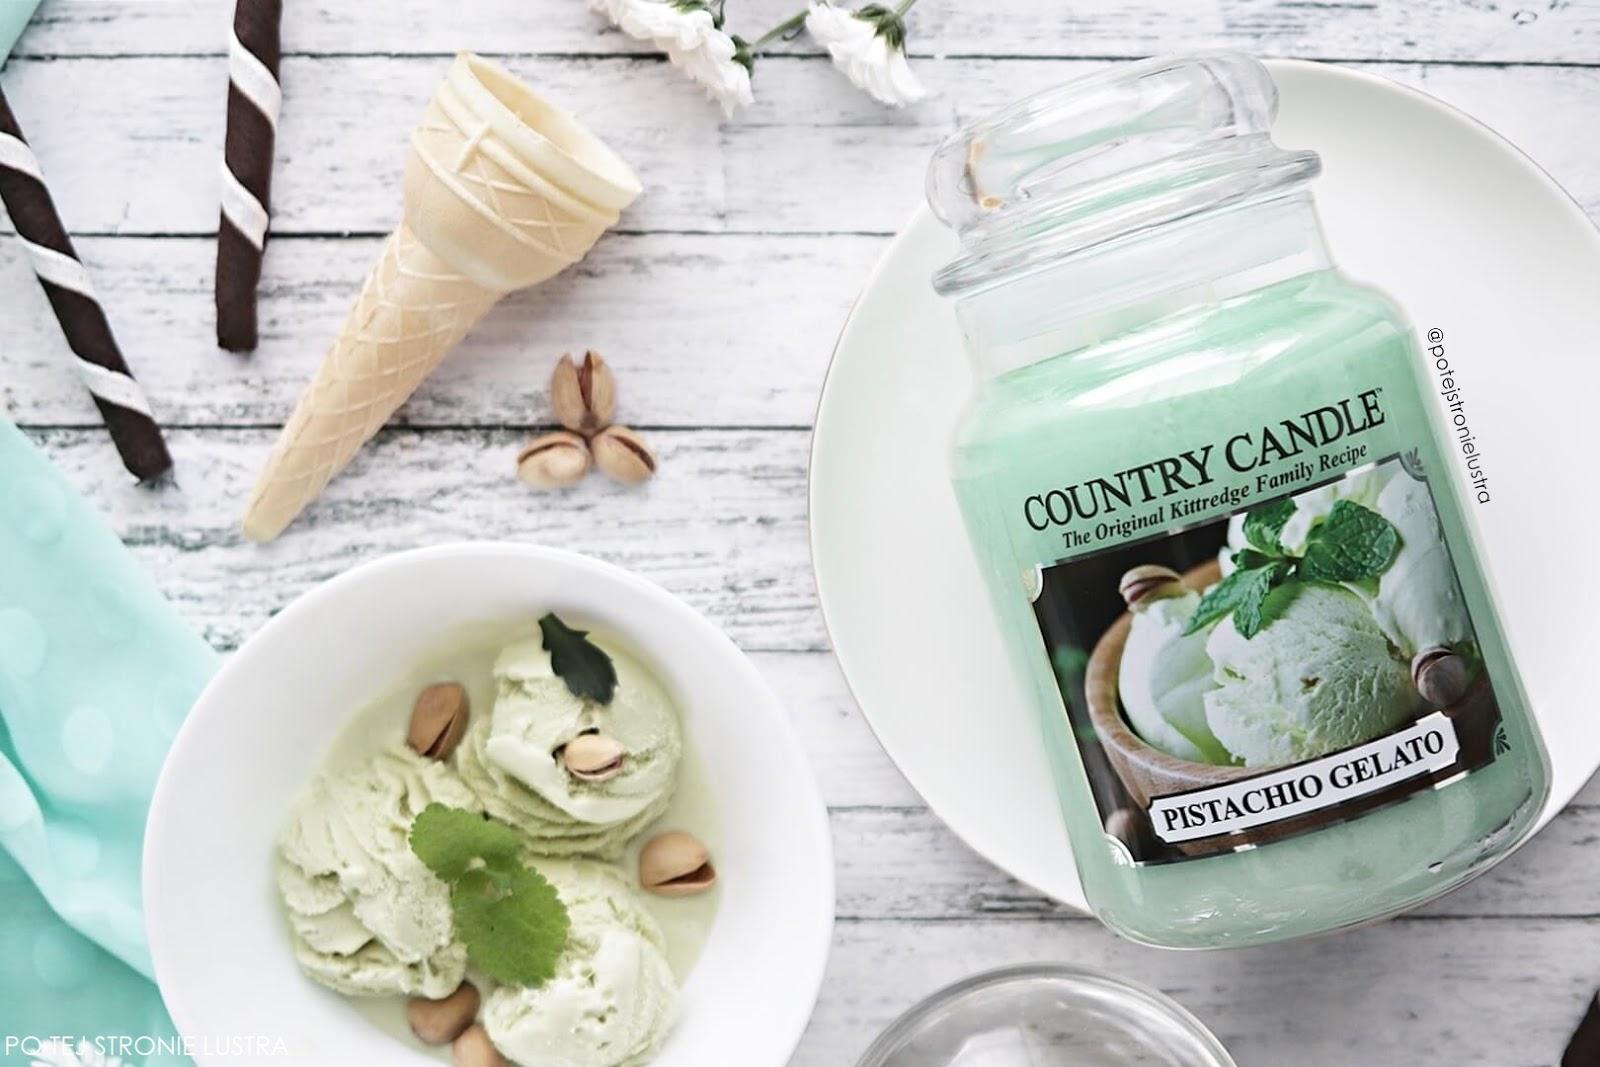 lody pistacjowe i świeca country candle pistachio gelato